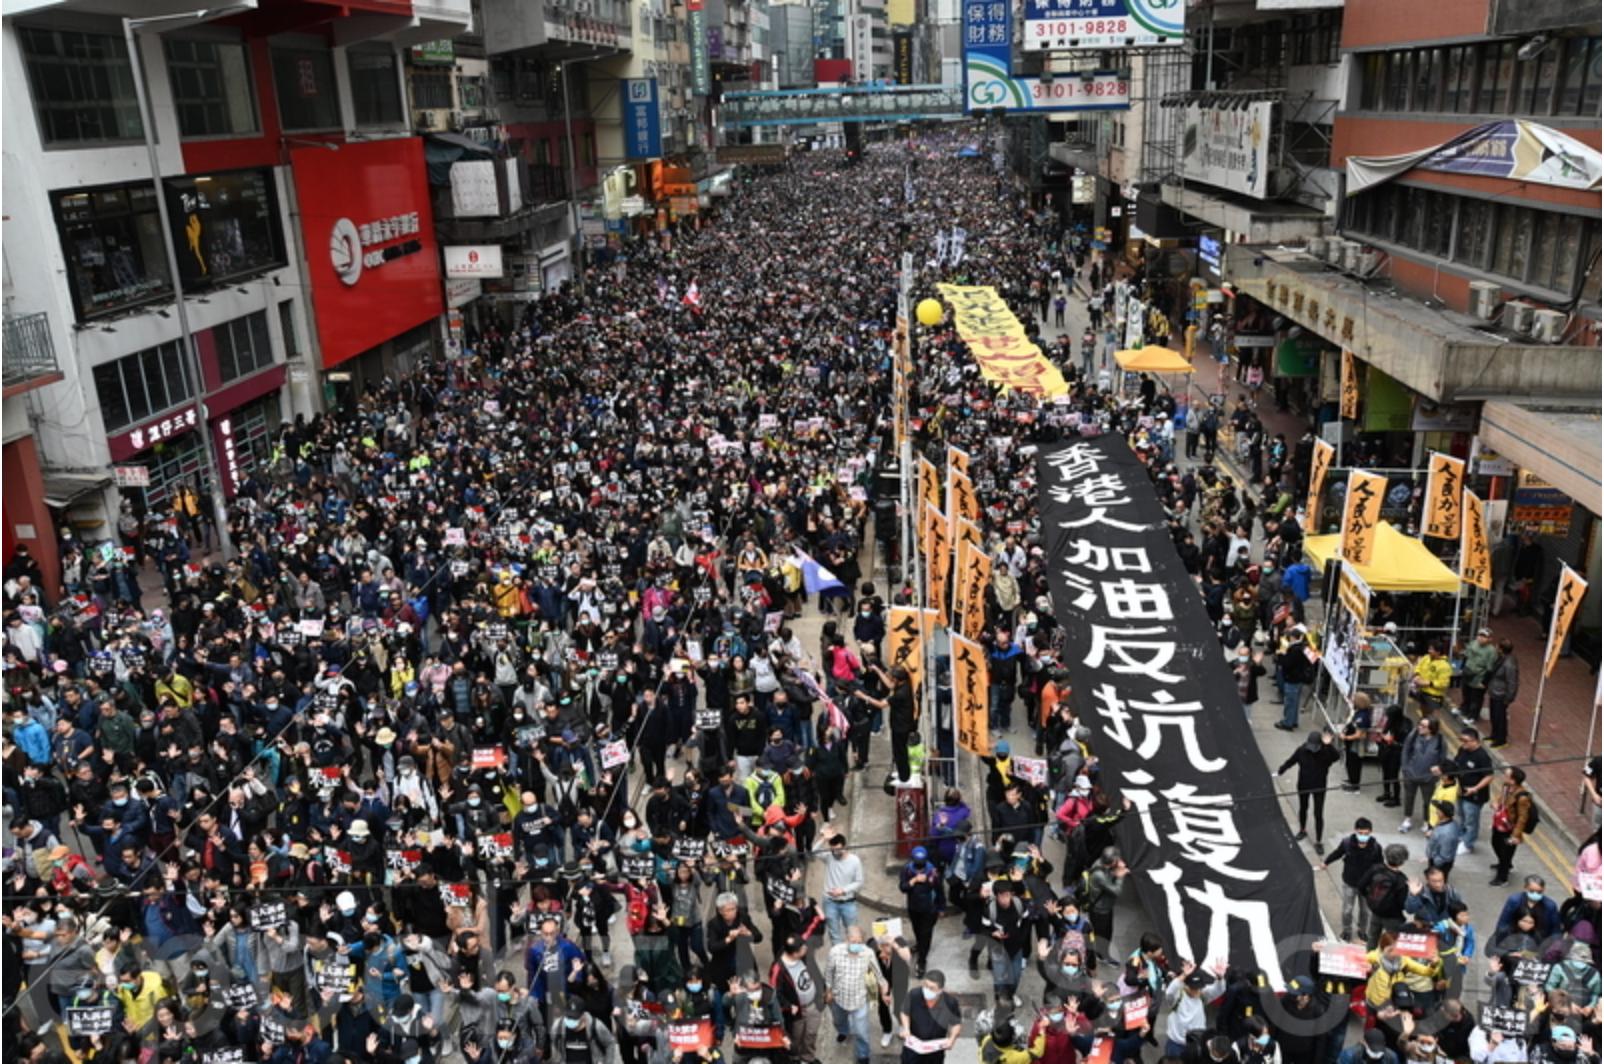 有傳民間人權陣線(民陣)即將解散。圖為2020年1月1日,香港元旦由民陣舉辦「元旦大遊行」。(文瀚林/大紀元)